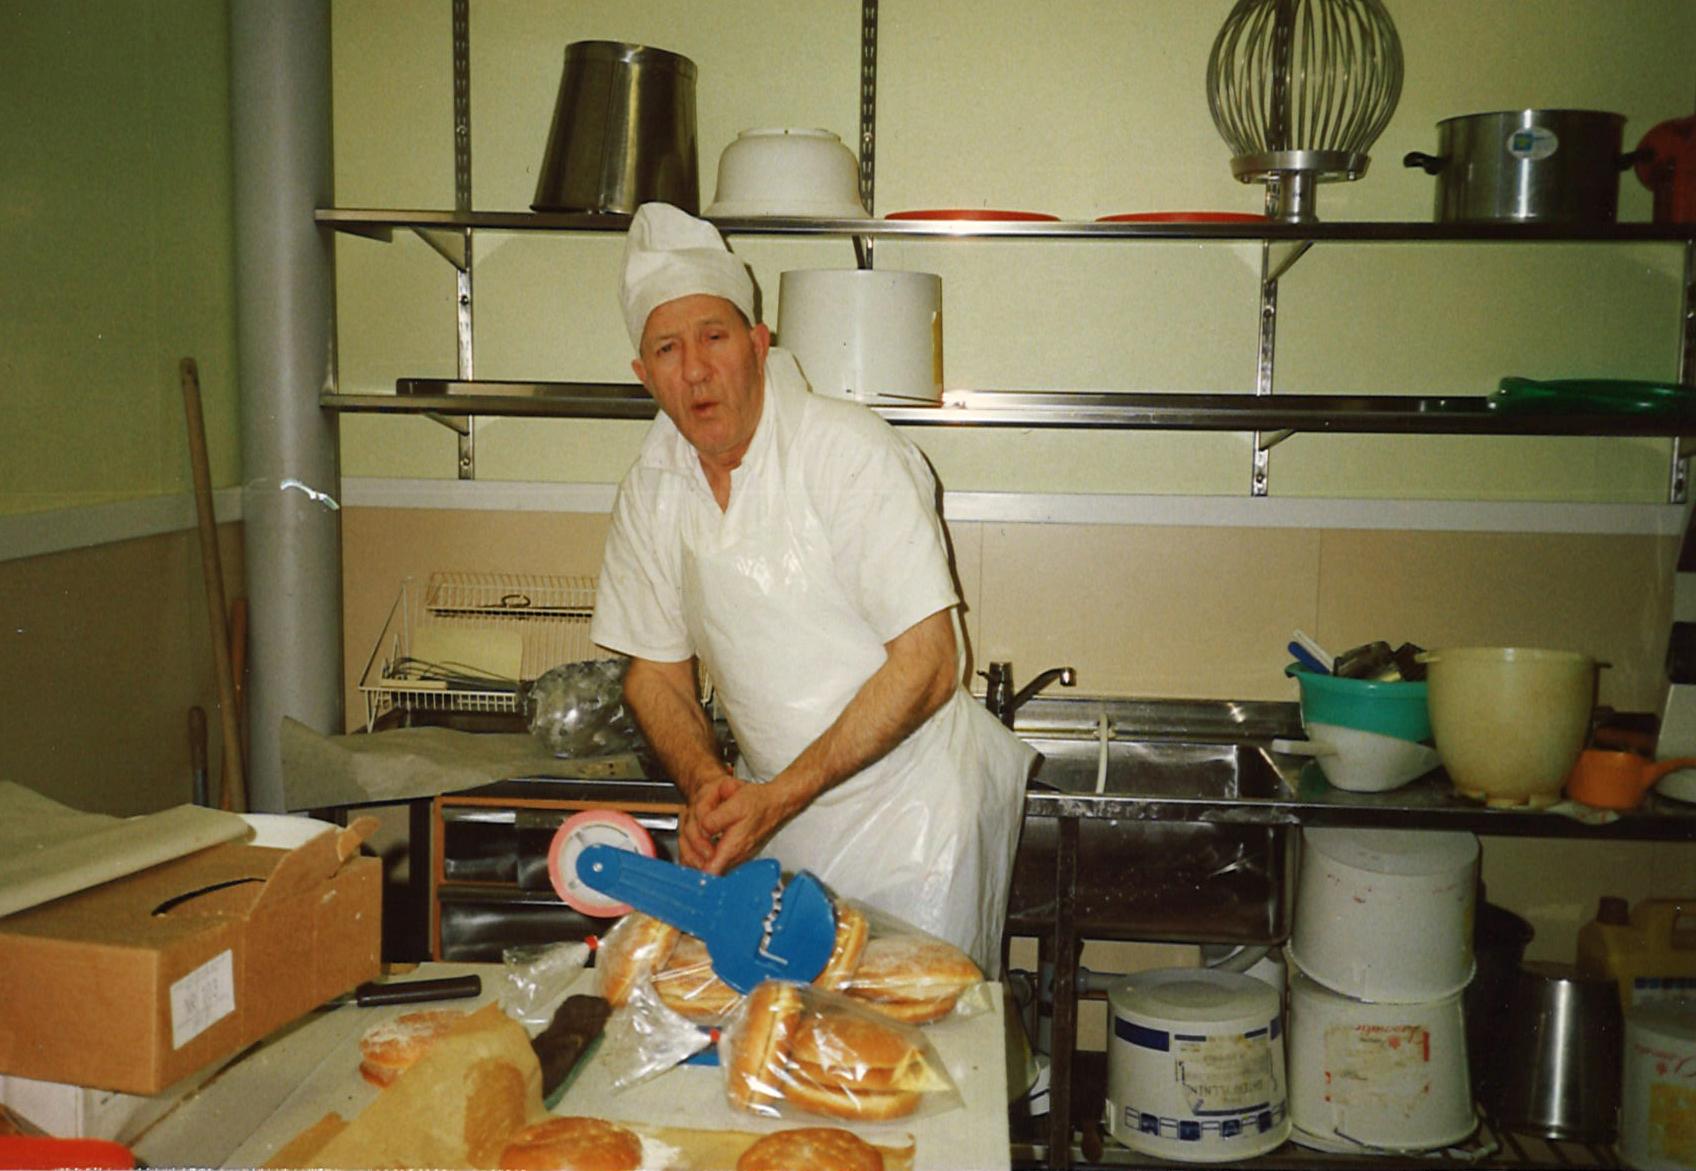 Farbror Gottfrid i bageriet, året är 1988.